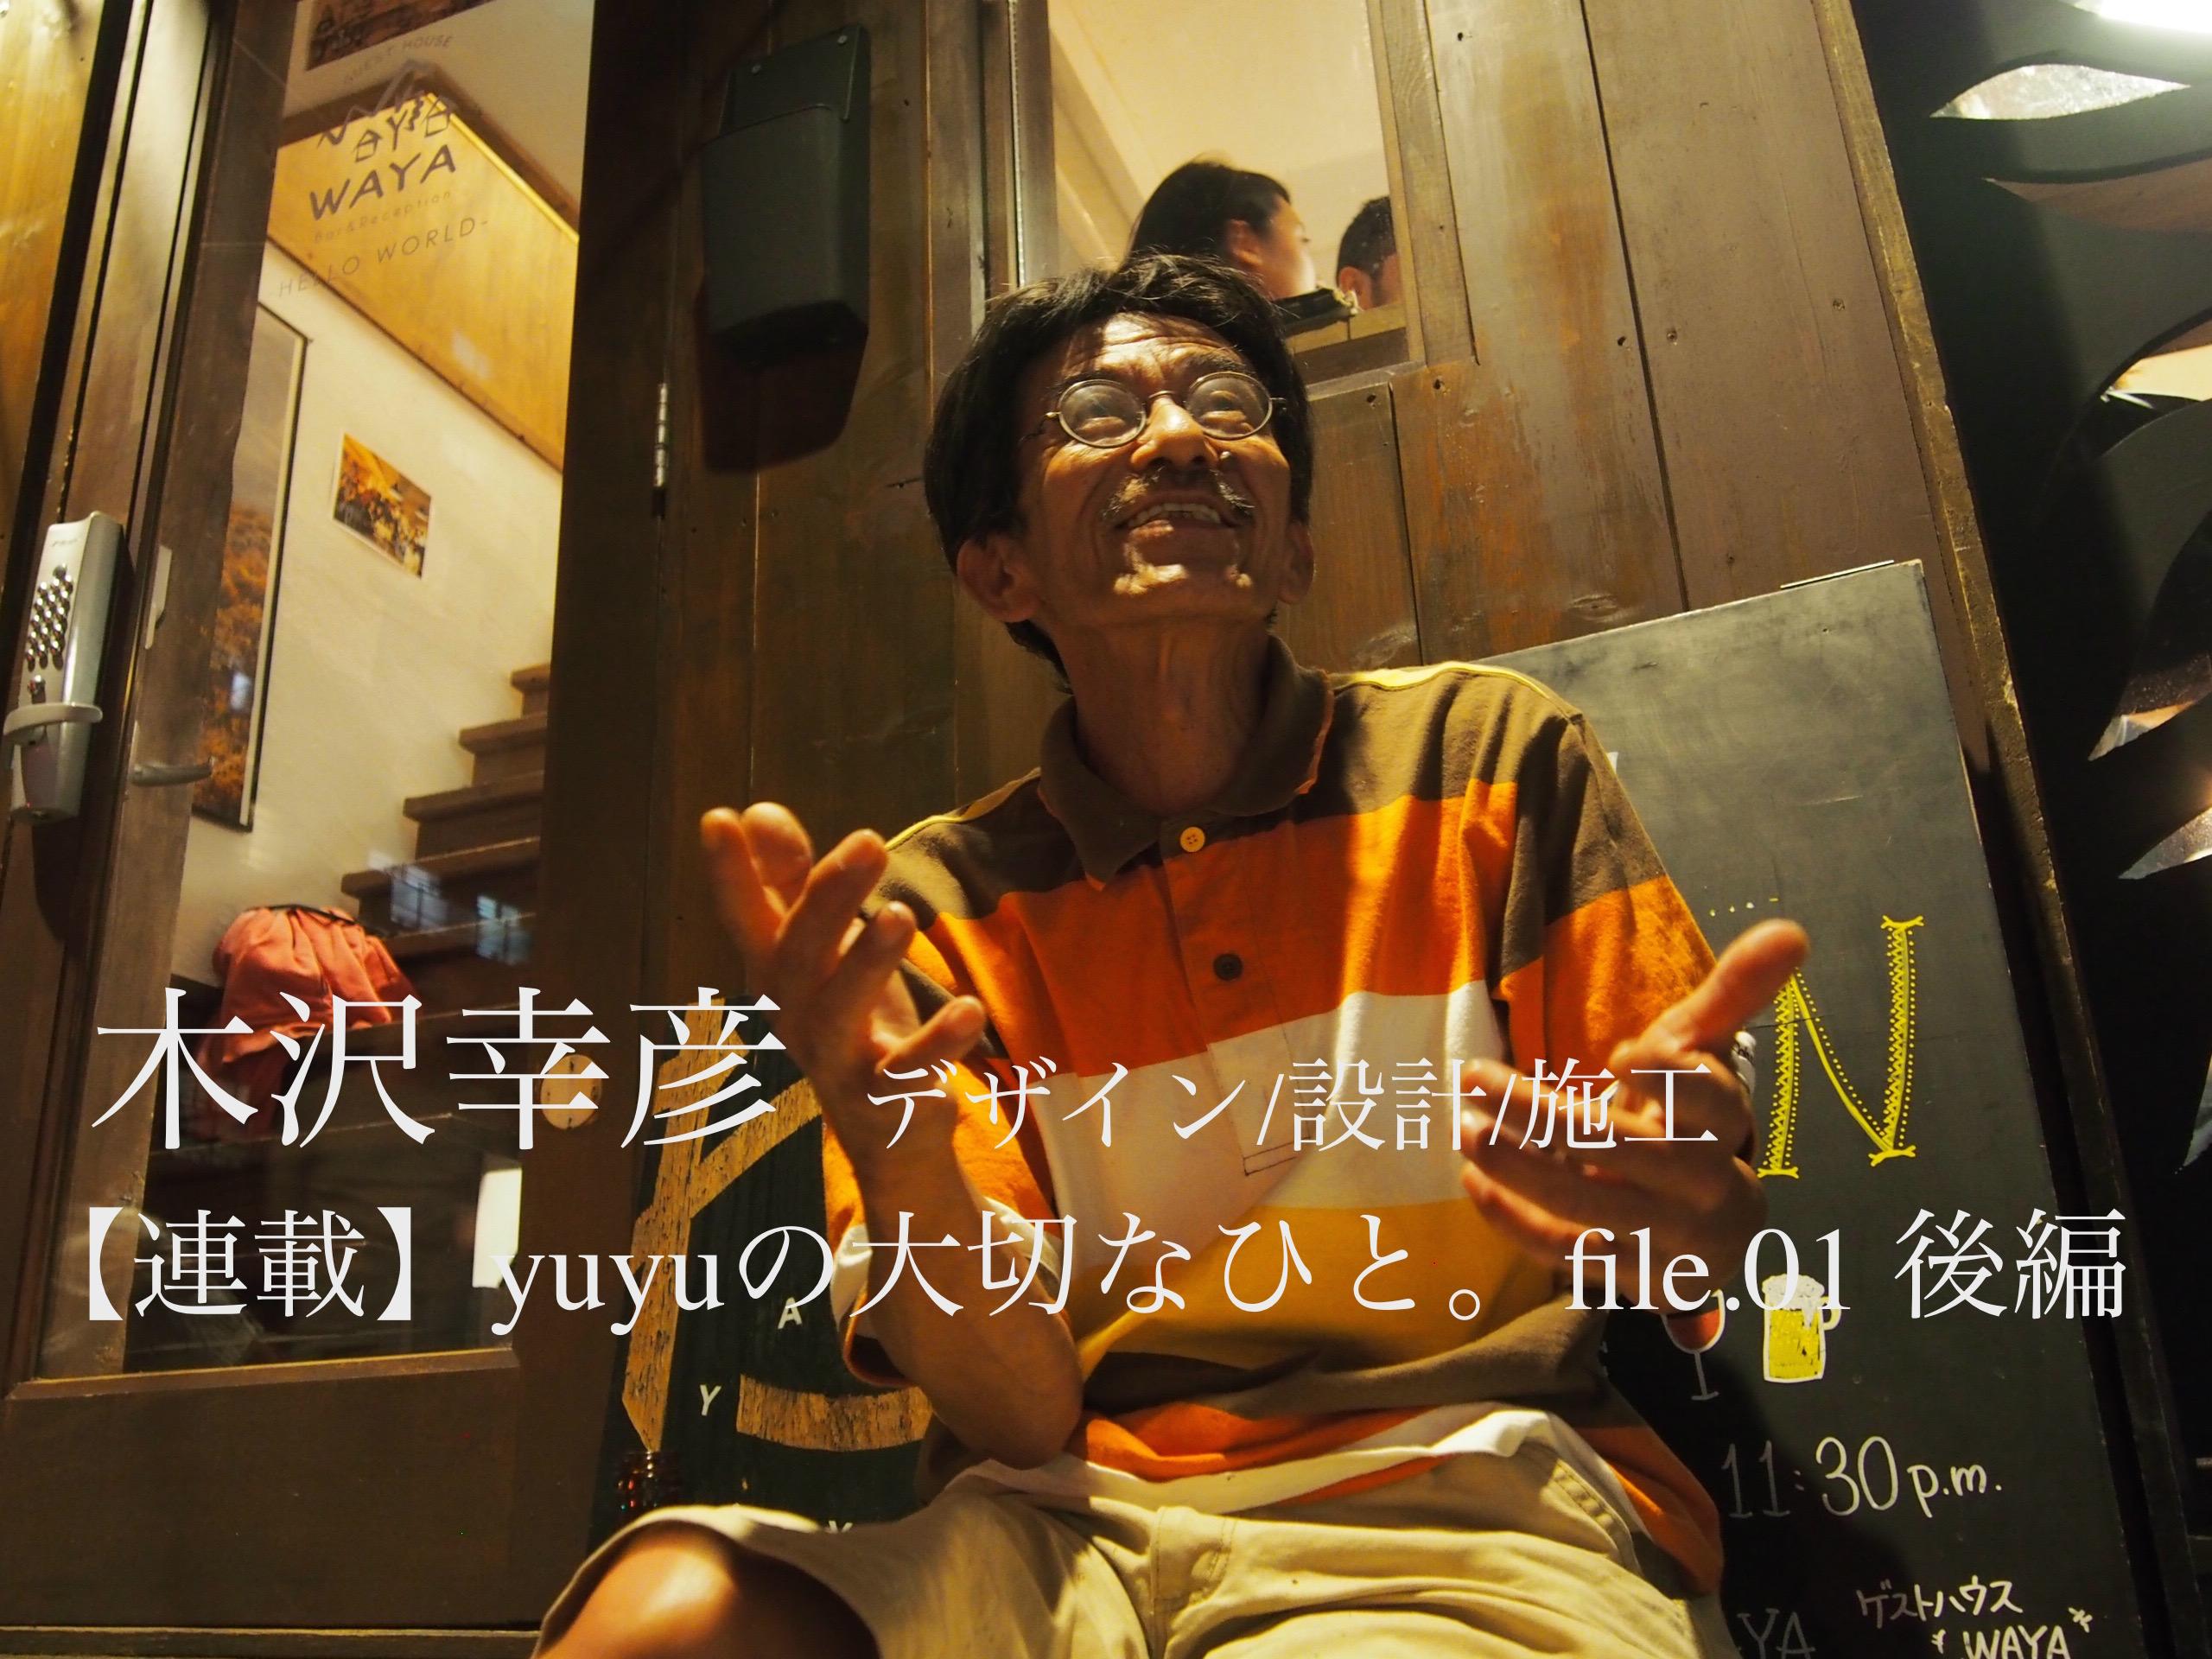 ゲストハウスyuyuの大工さん、木沢幸彦さん